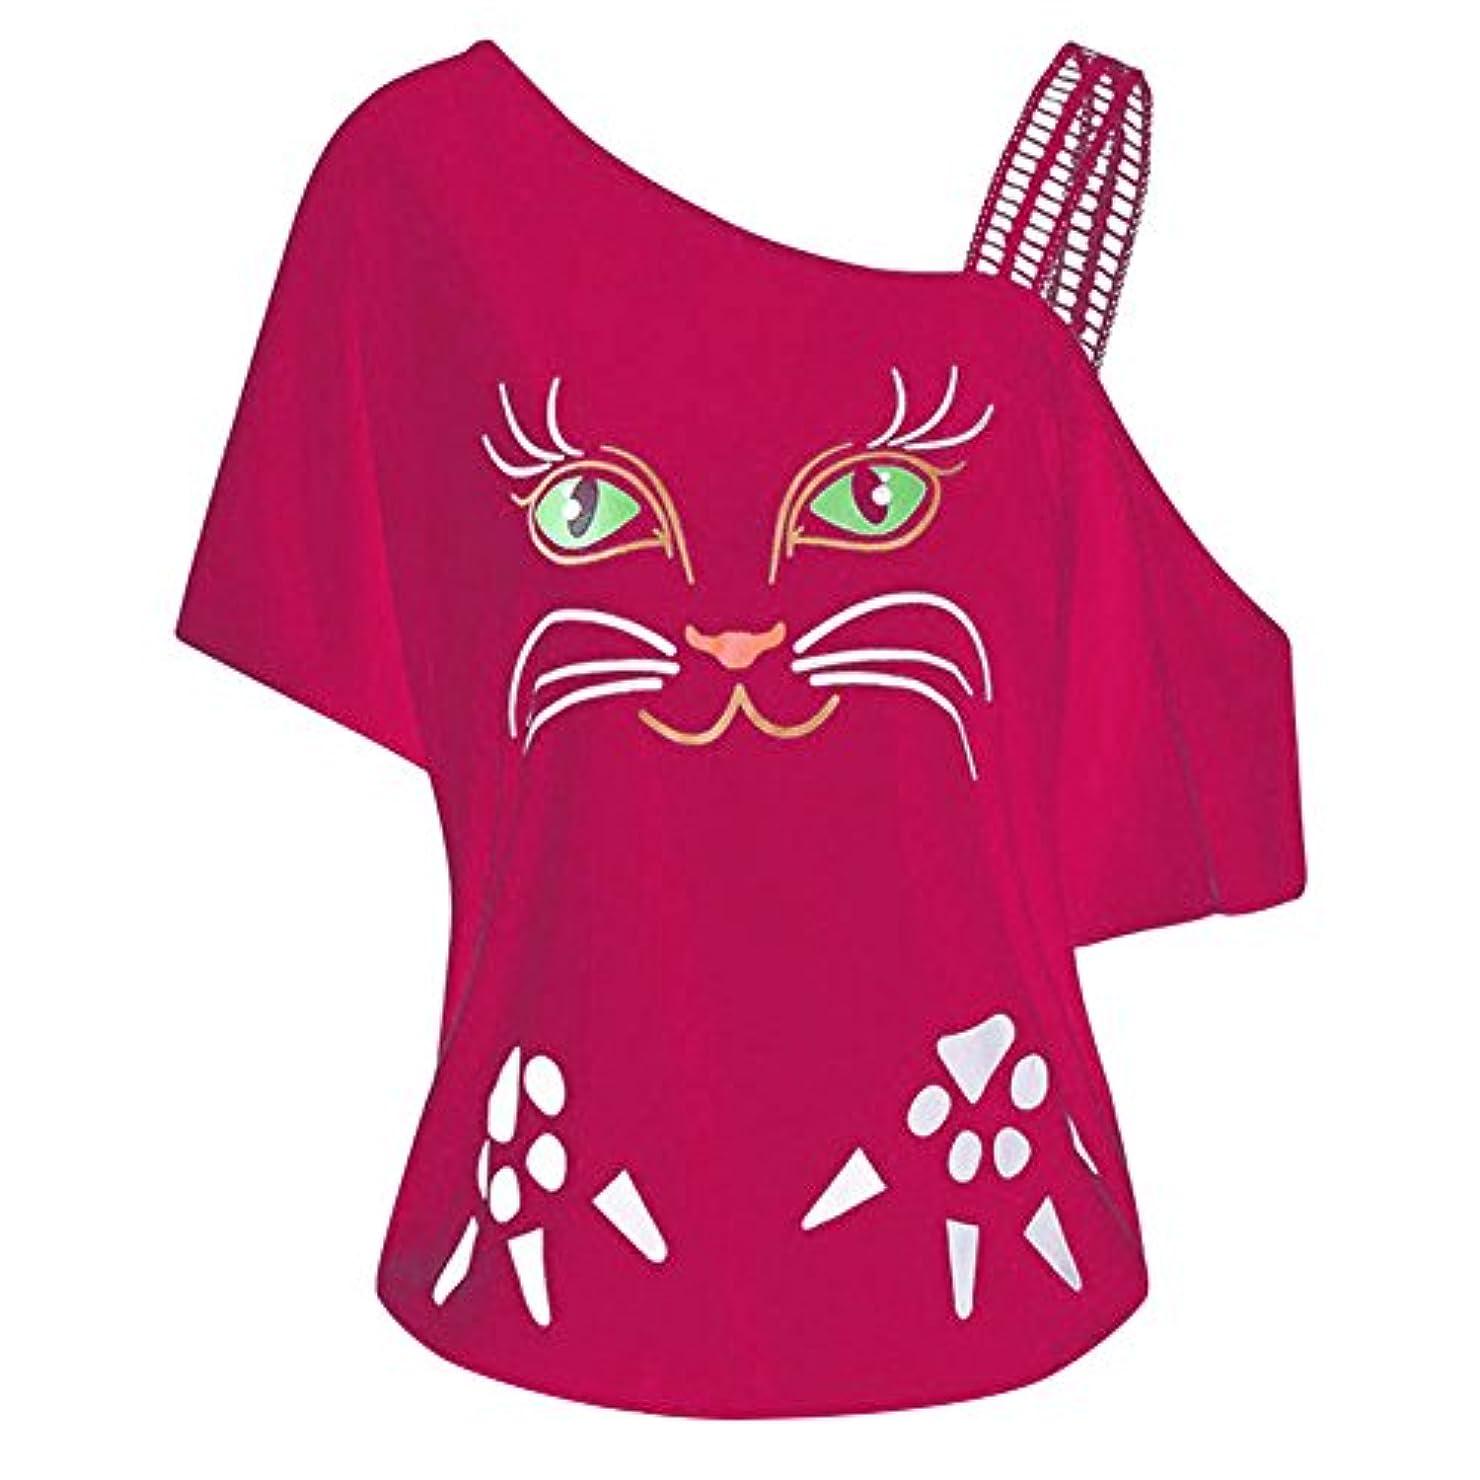 溶かす思われる寛容Hosam レディース 洋服 片肩 猫 お洒落 おもしろ プリント Tシャツ お洒落 体型カバ― お呼ばれ 通勤 日常 快適 大きなサイズ シンプルなデザイン 20代30代40代でも (L, ピンク)